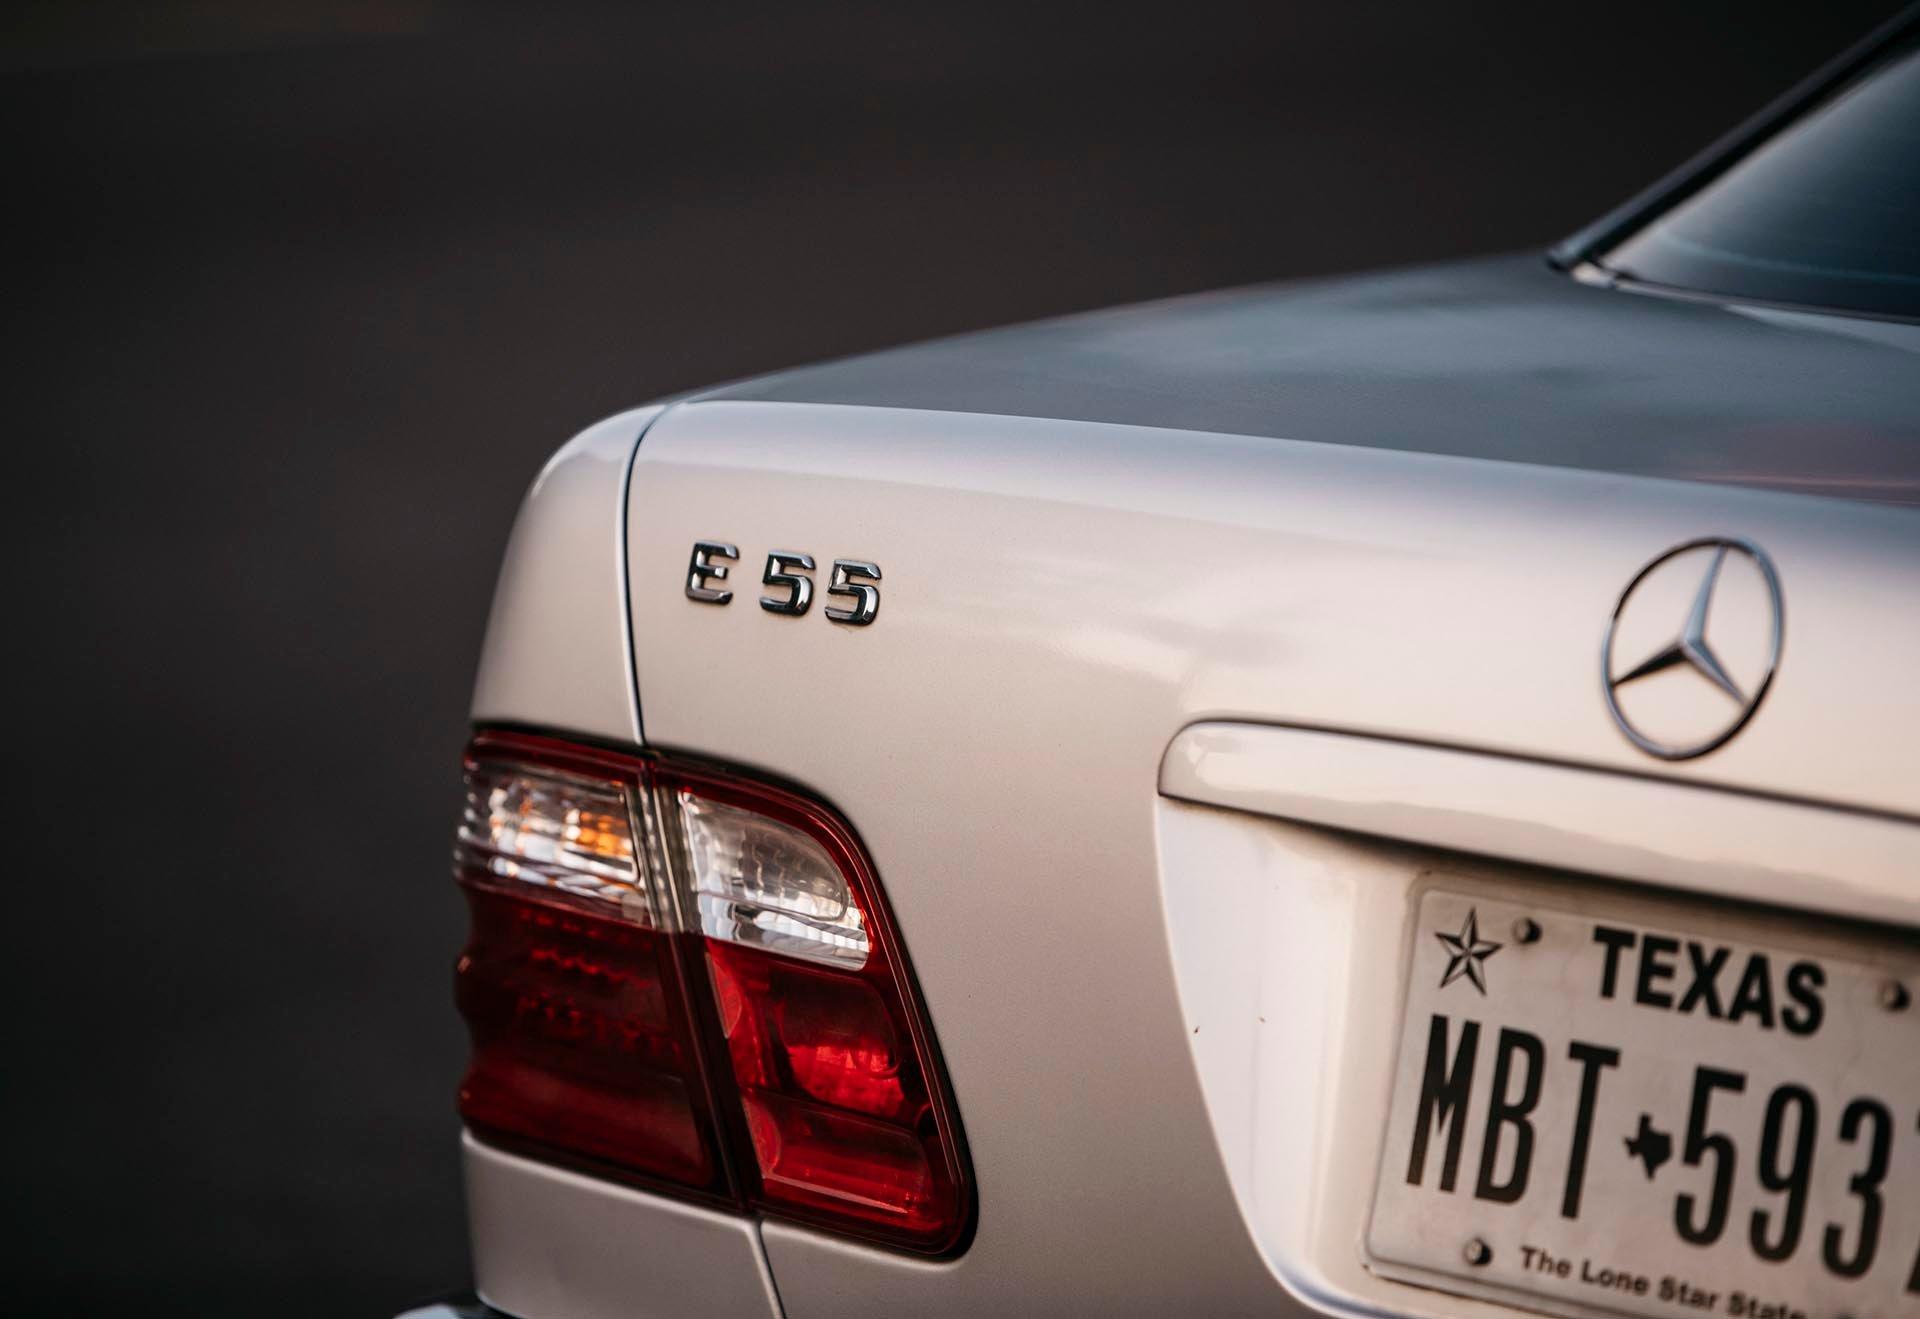 04_Mercedes-Benz E55 AMG badge